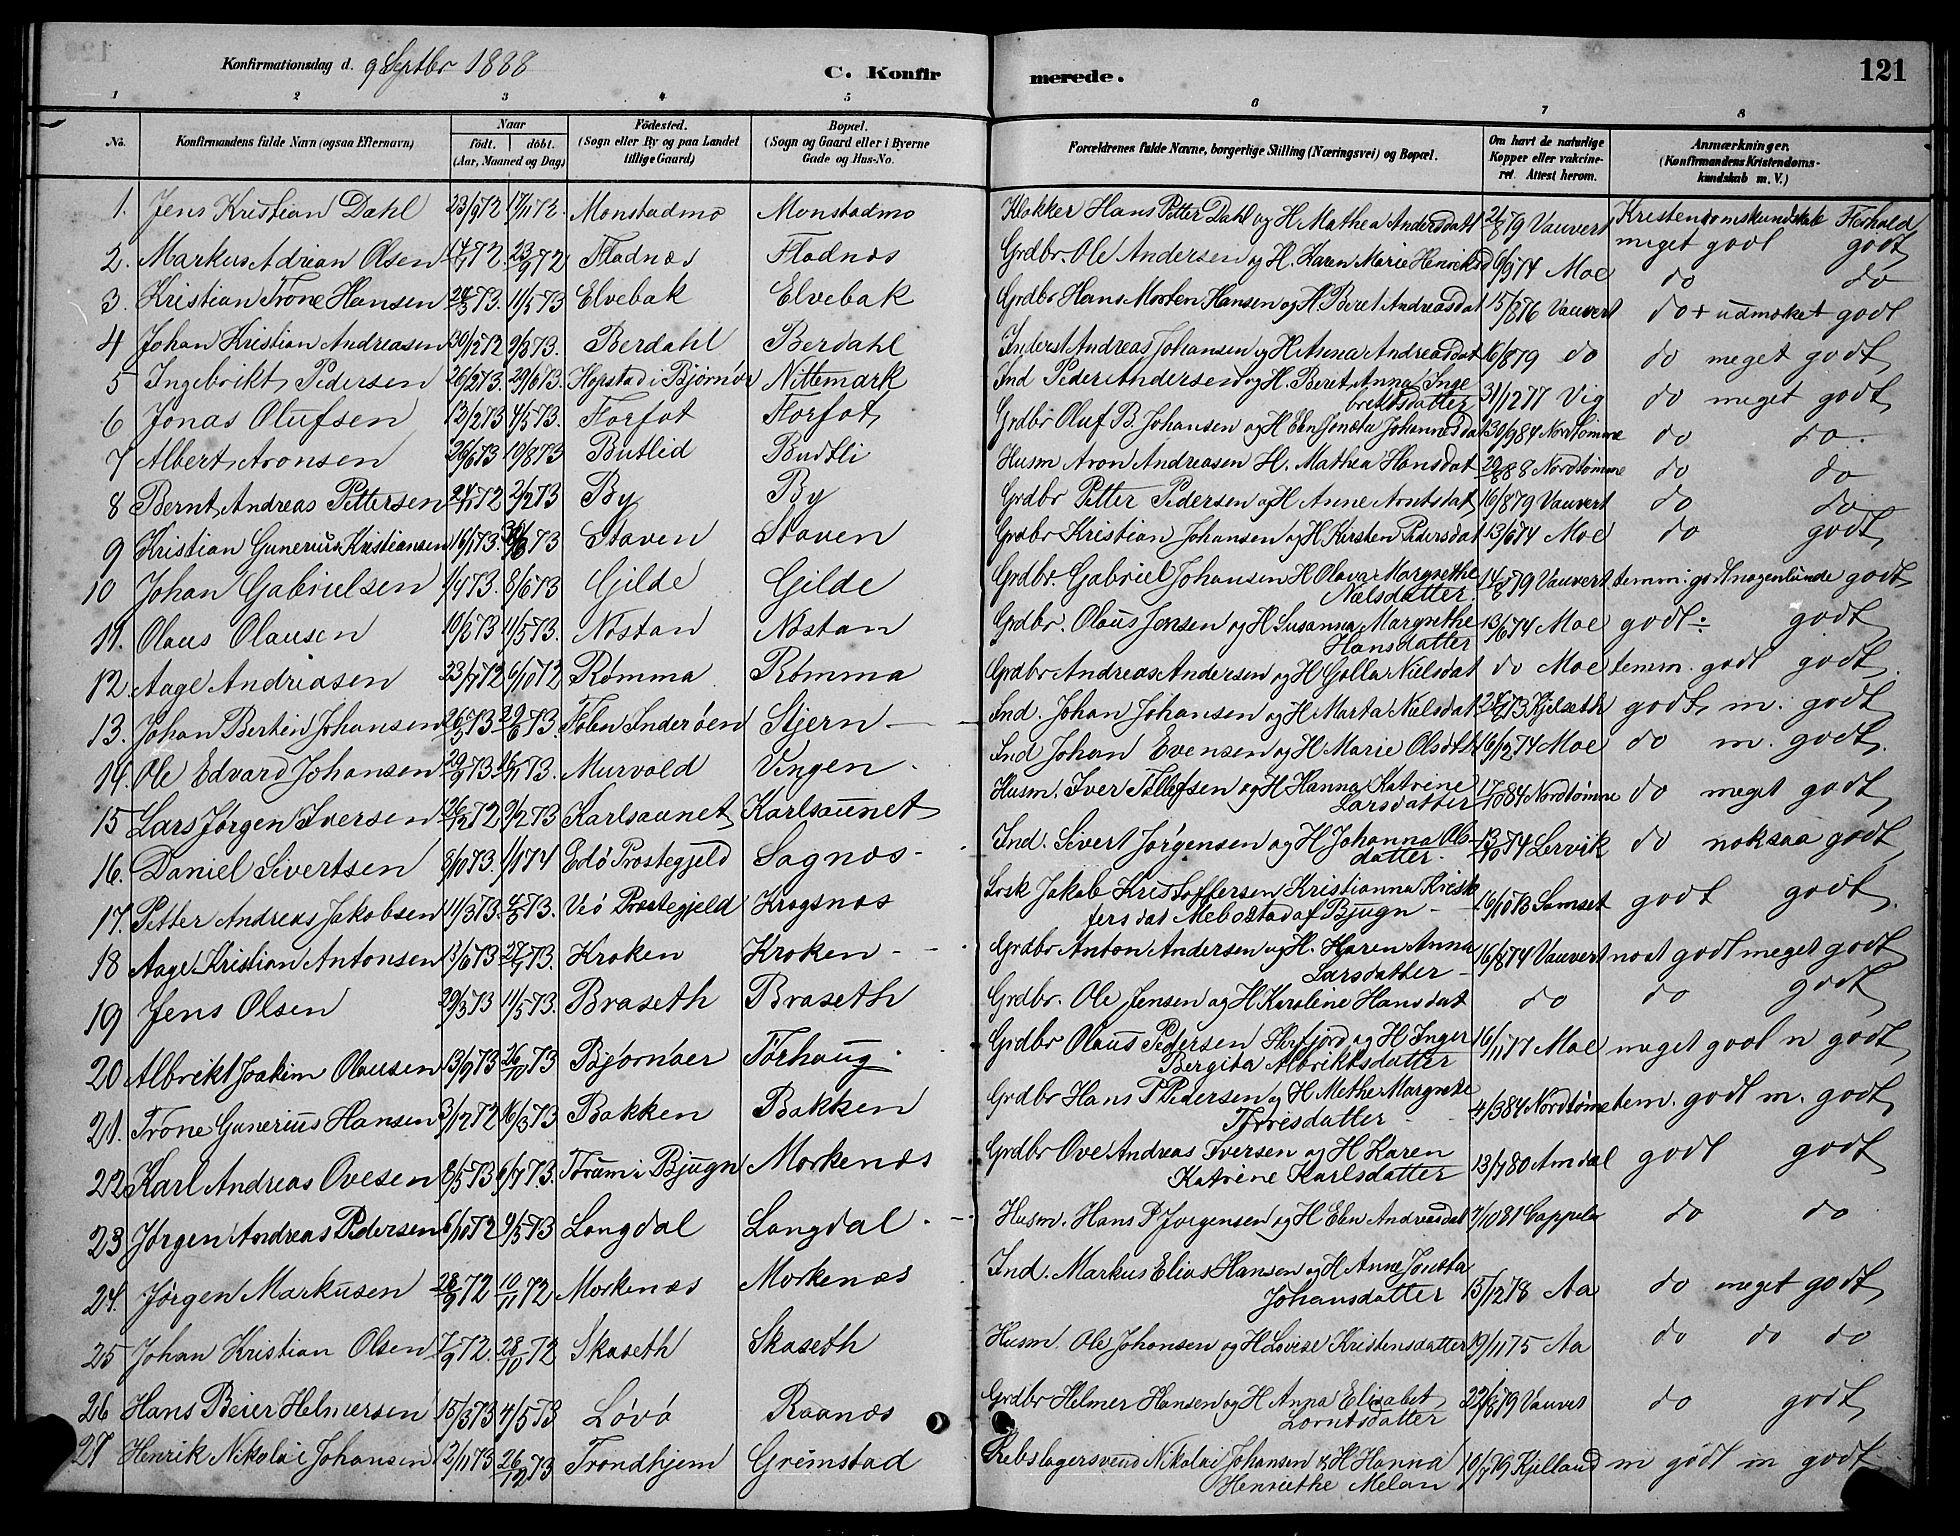 SAT, Ministerialprotokoller, klokkerbøker og fødselsregistre - Sør-Trøndelag, 655/L0687: Klokkerbok nr. 655C03, 1880-1898, s. 121